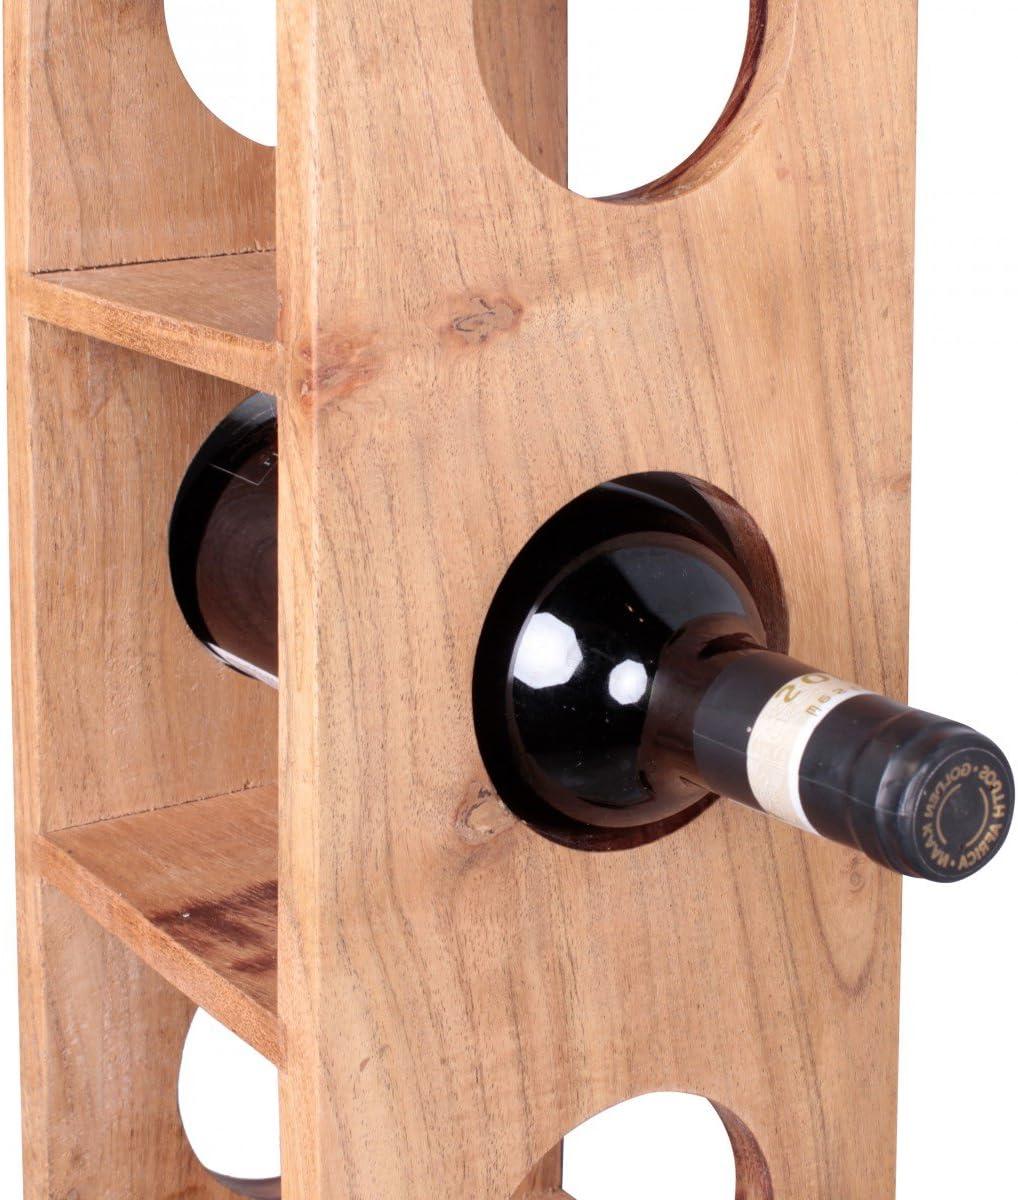 Range Bouteilles vin pour Le Mur FineBuy casier /à vin Bois Massif Porte-Bouteilles de vin Acacia 15 x 70 x 15 cm Casier /à Bouteilles pour 5 Bouteilles